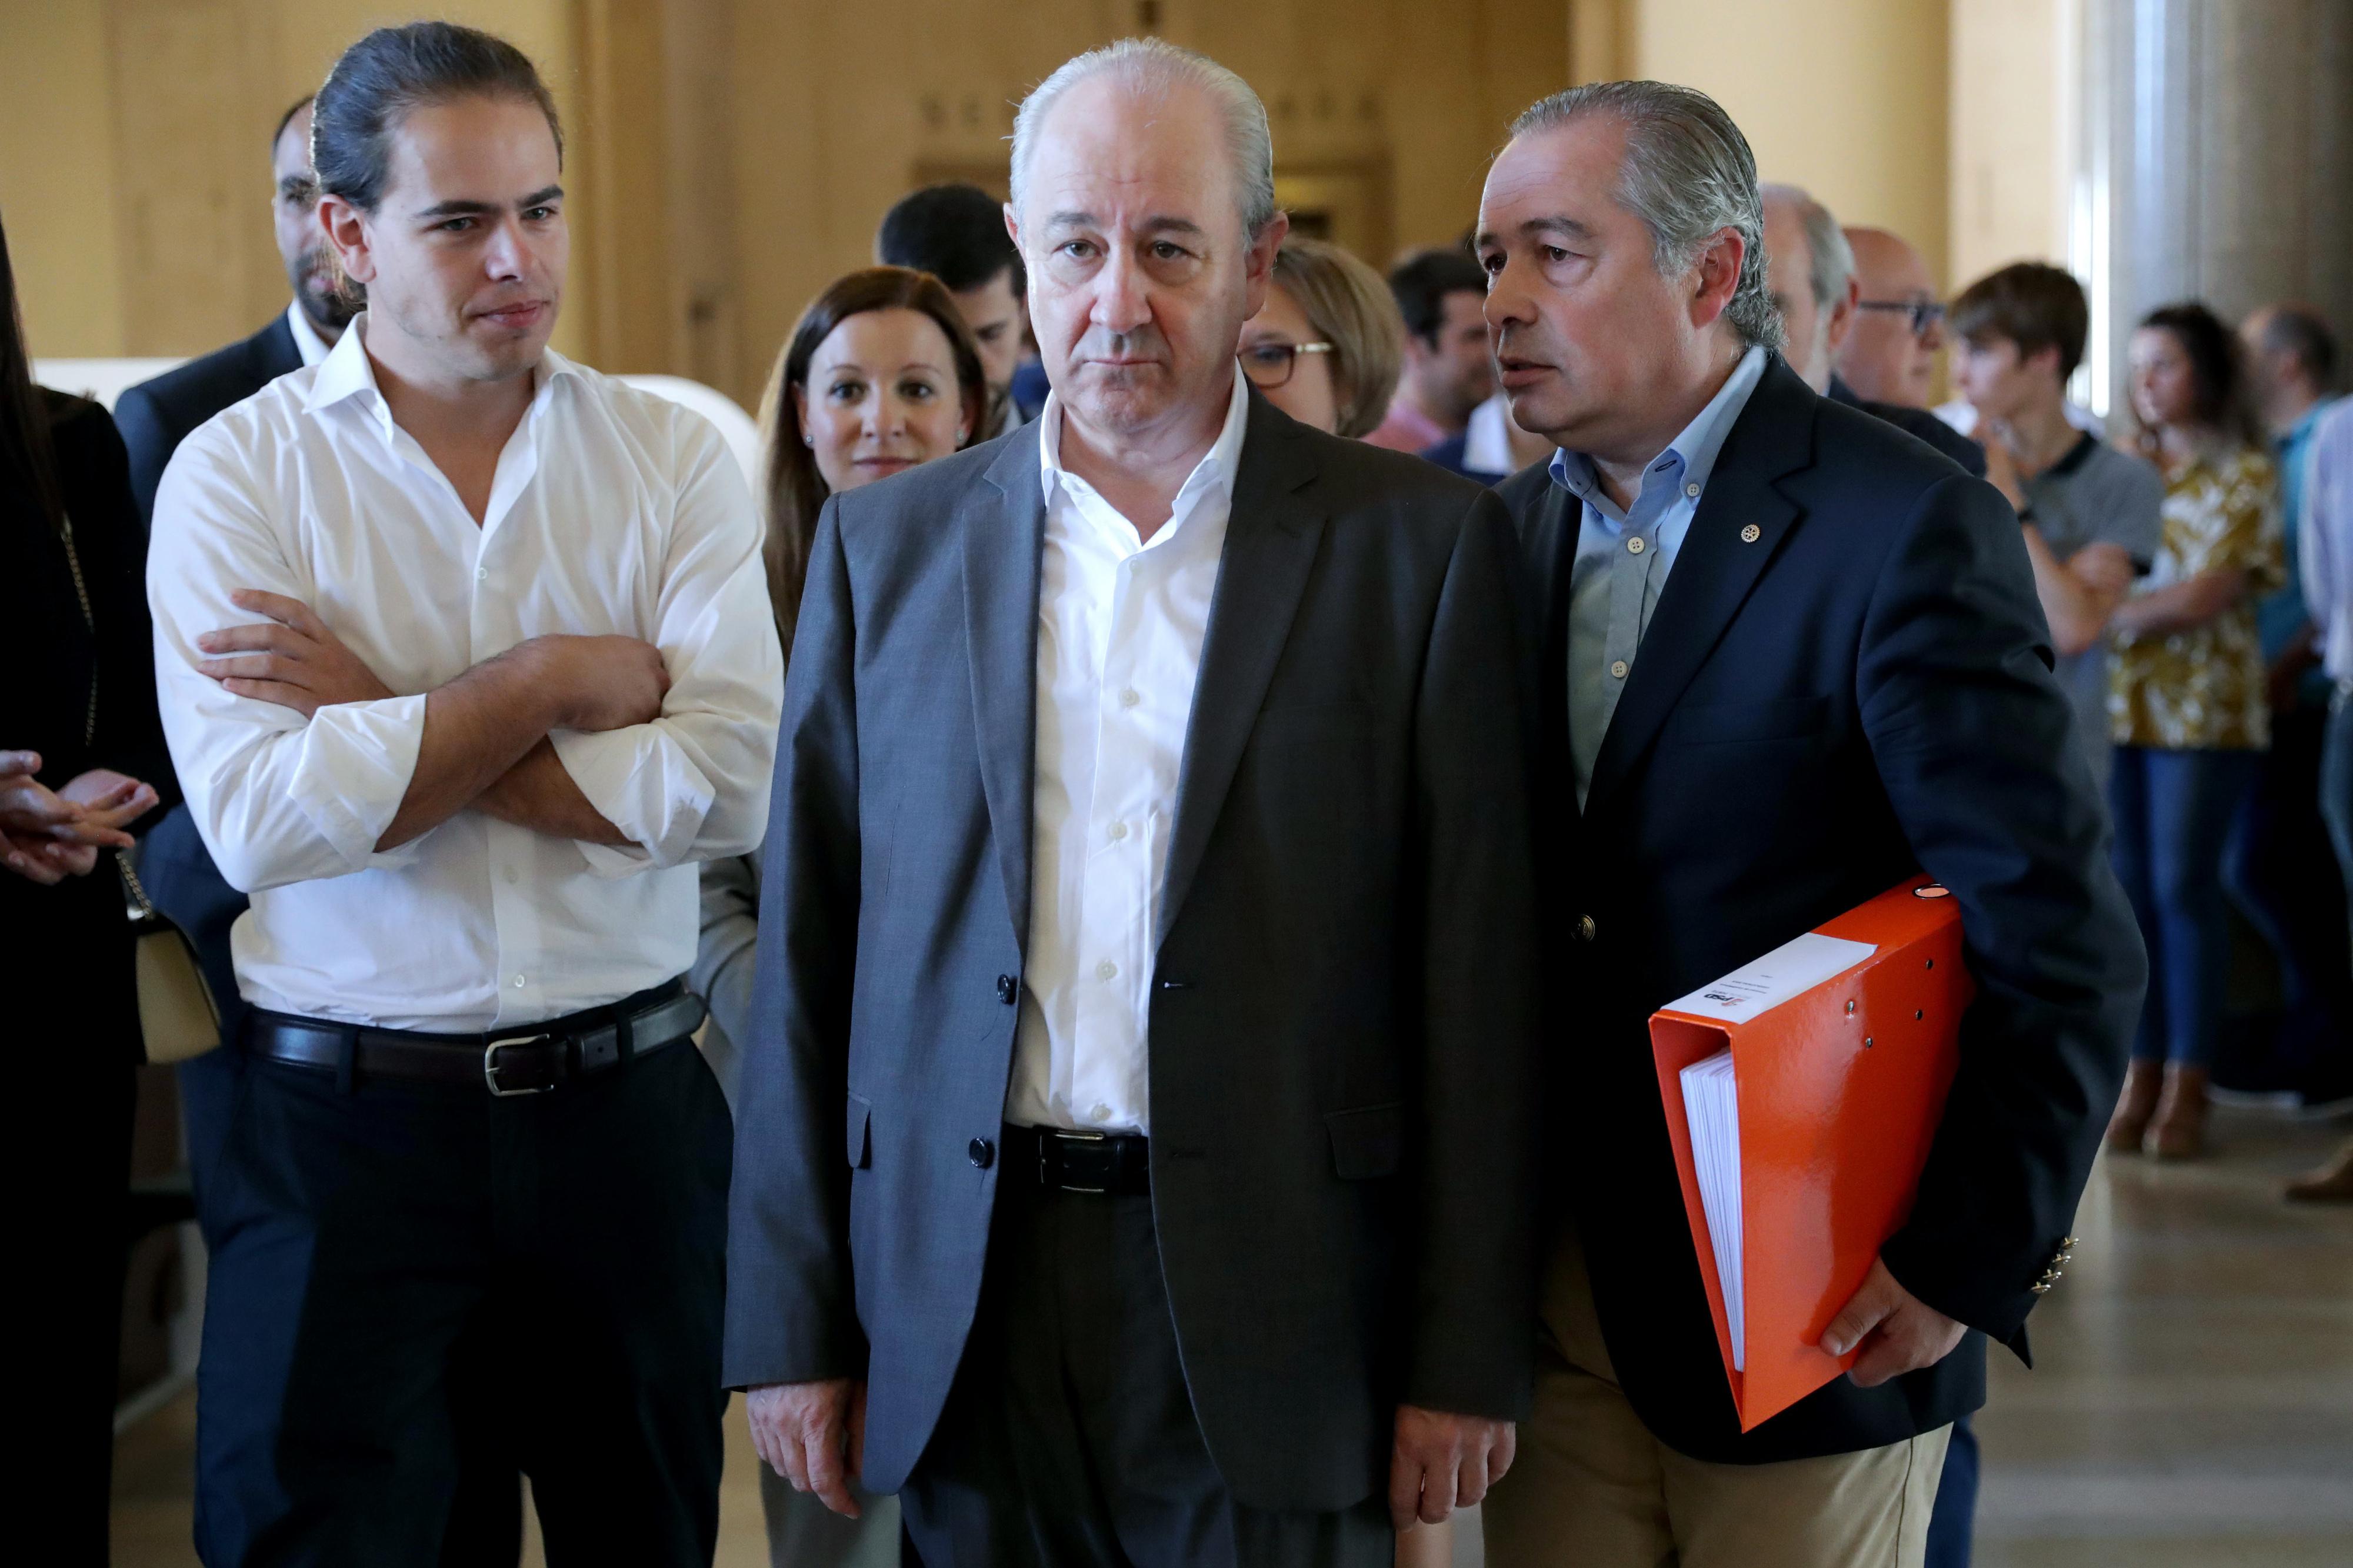 Eleições. Rui Rio aponta brutal degradação dos serviços públicos